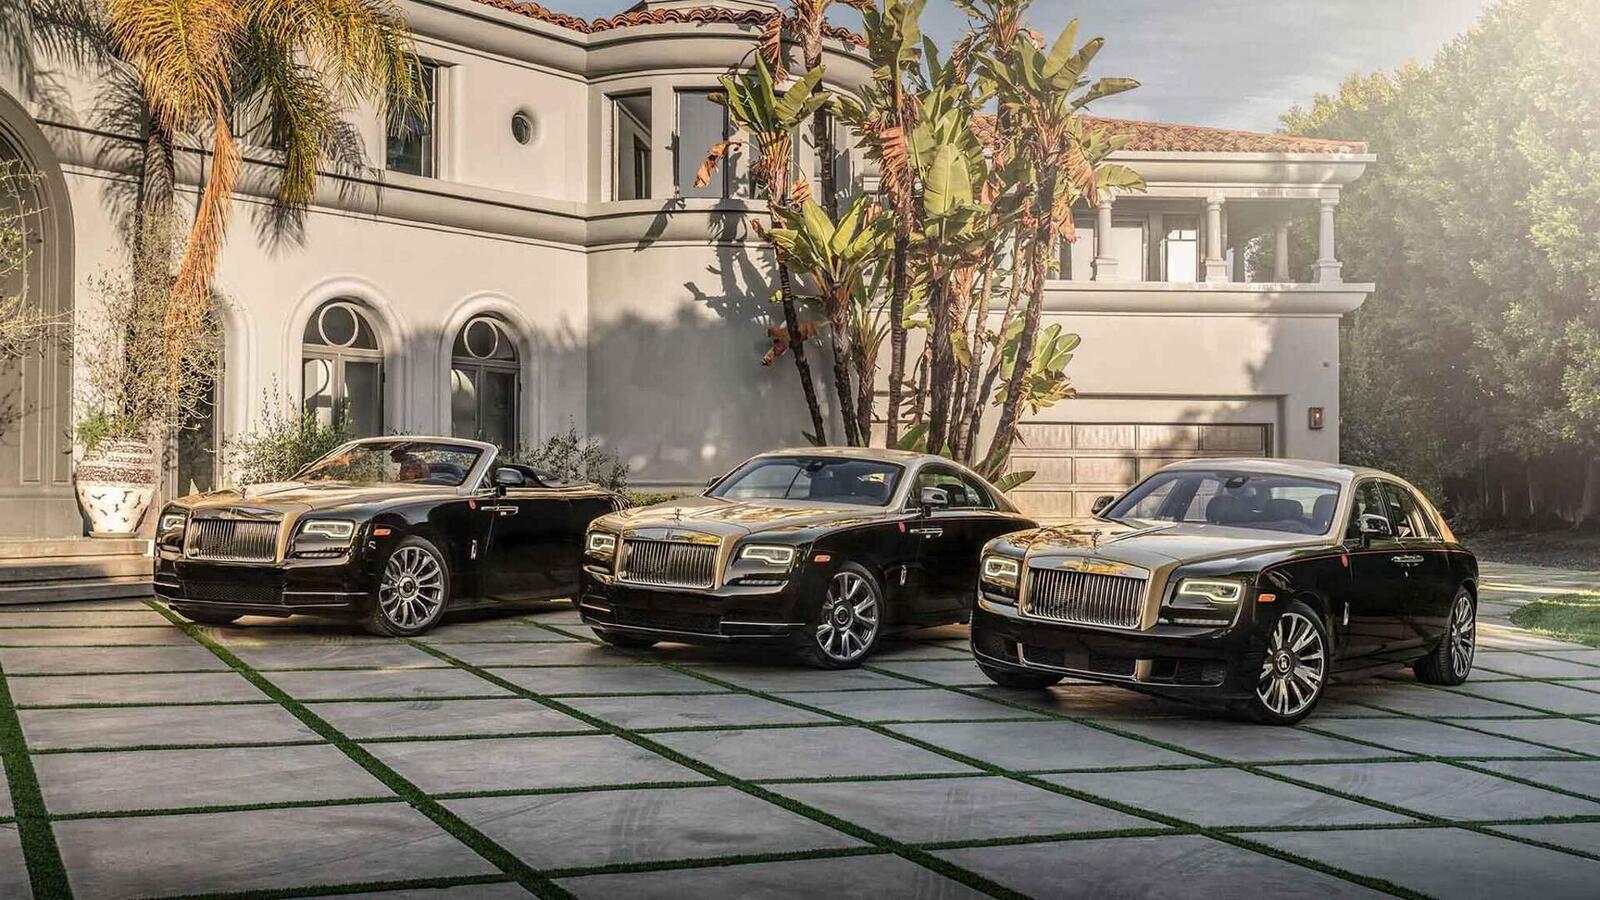 Mừng năm Kỷ Hợi, Rolls-Royce giới thiệu Ghost, Wraith và Dawn phiên bản đặc biệt ''Year of the Pig'' - Hình 9